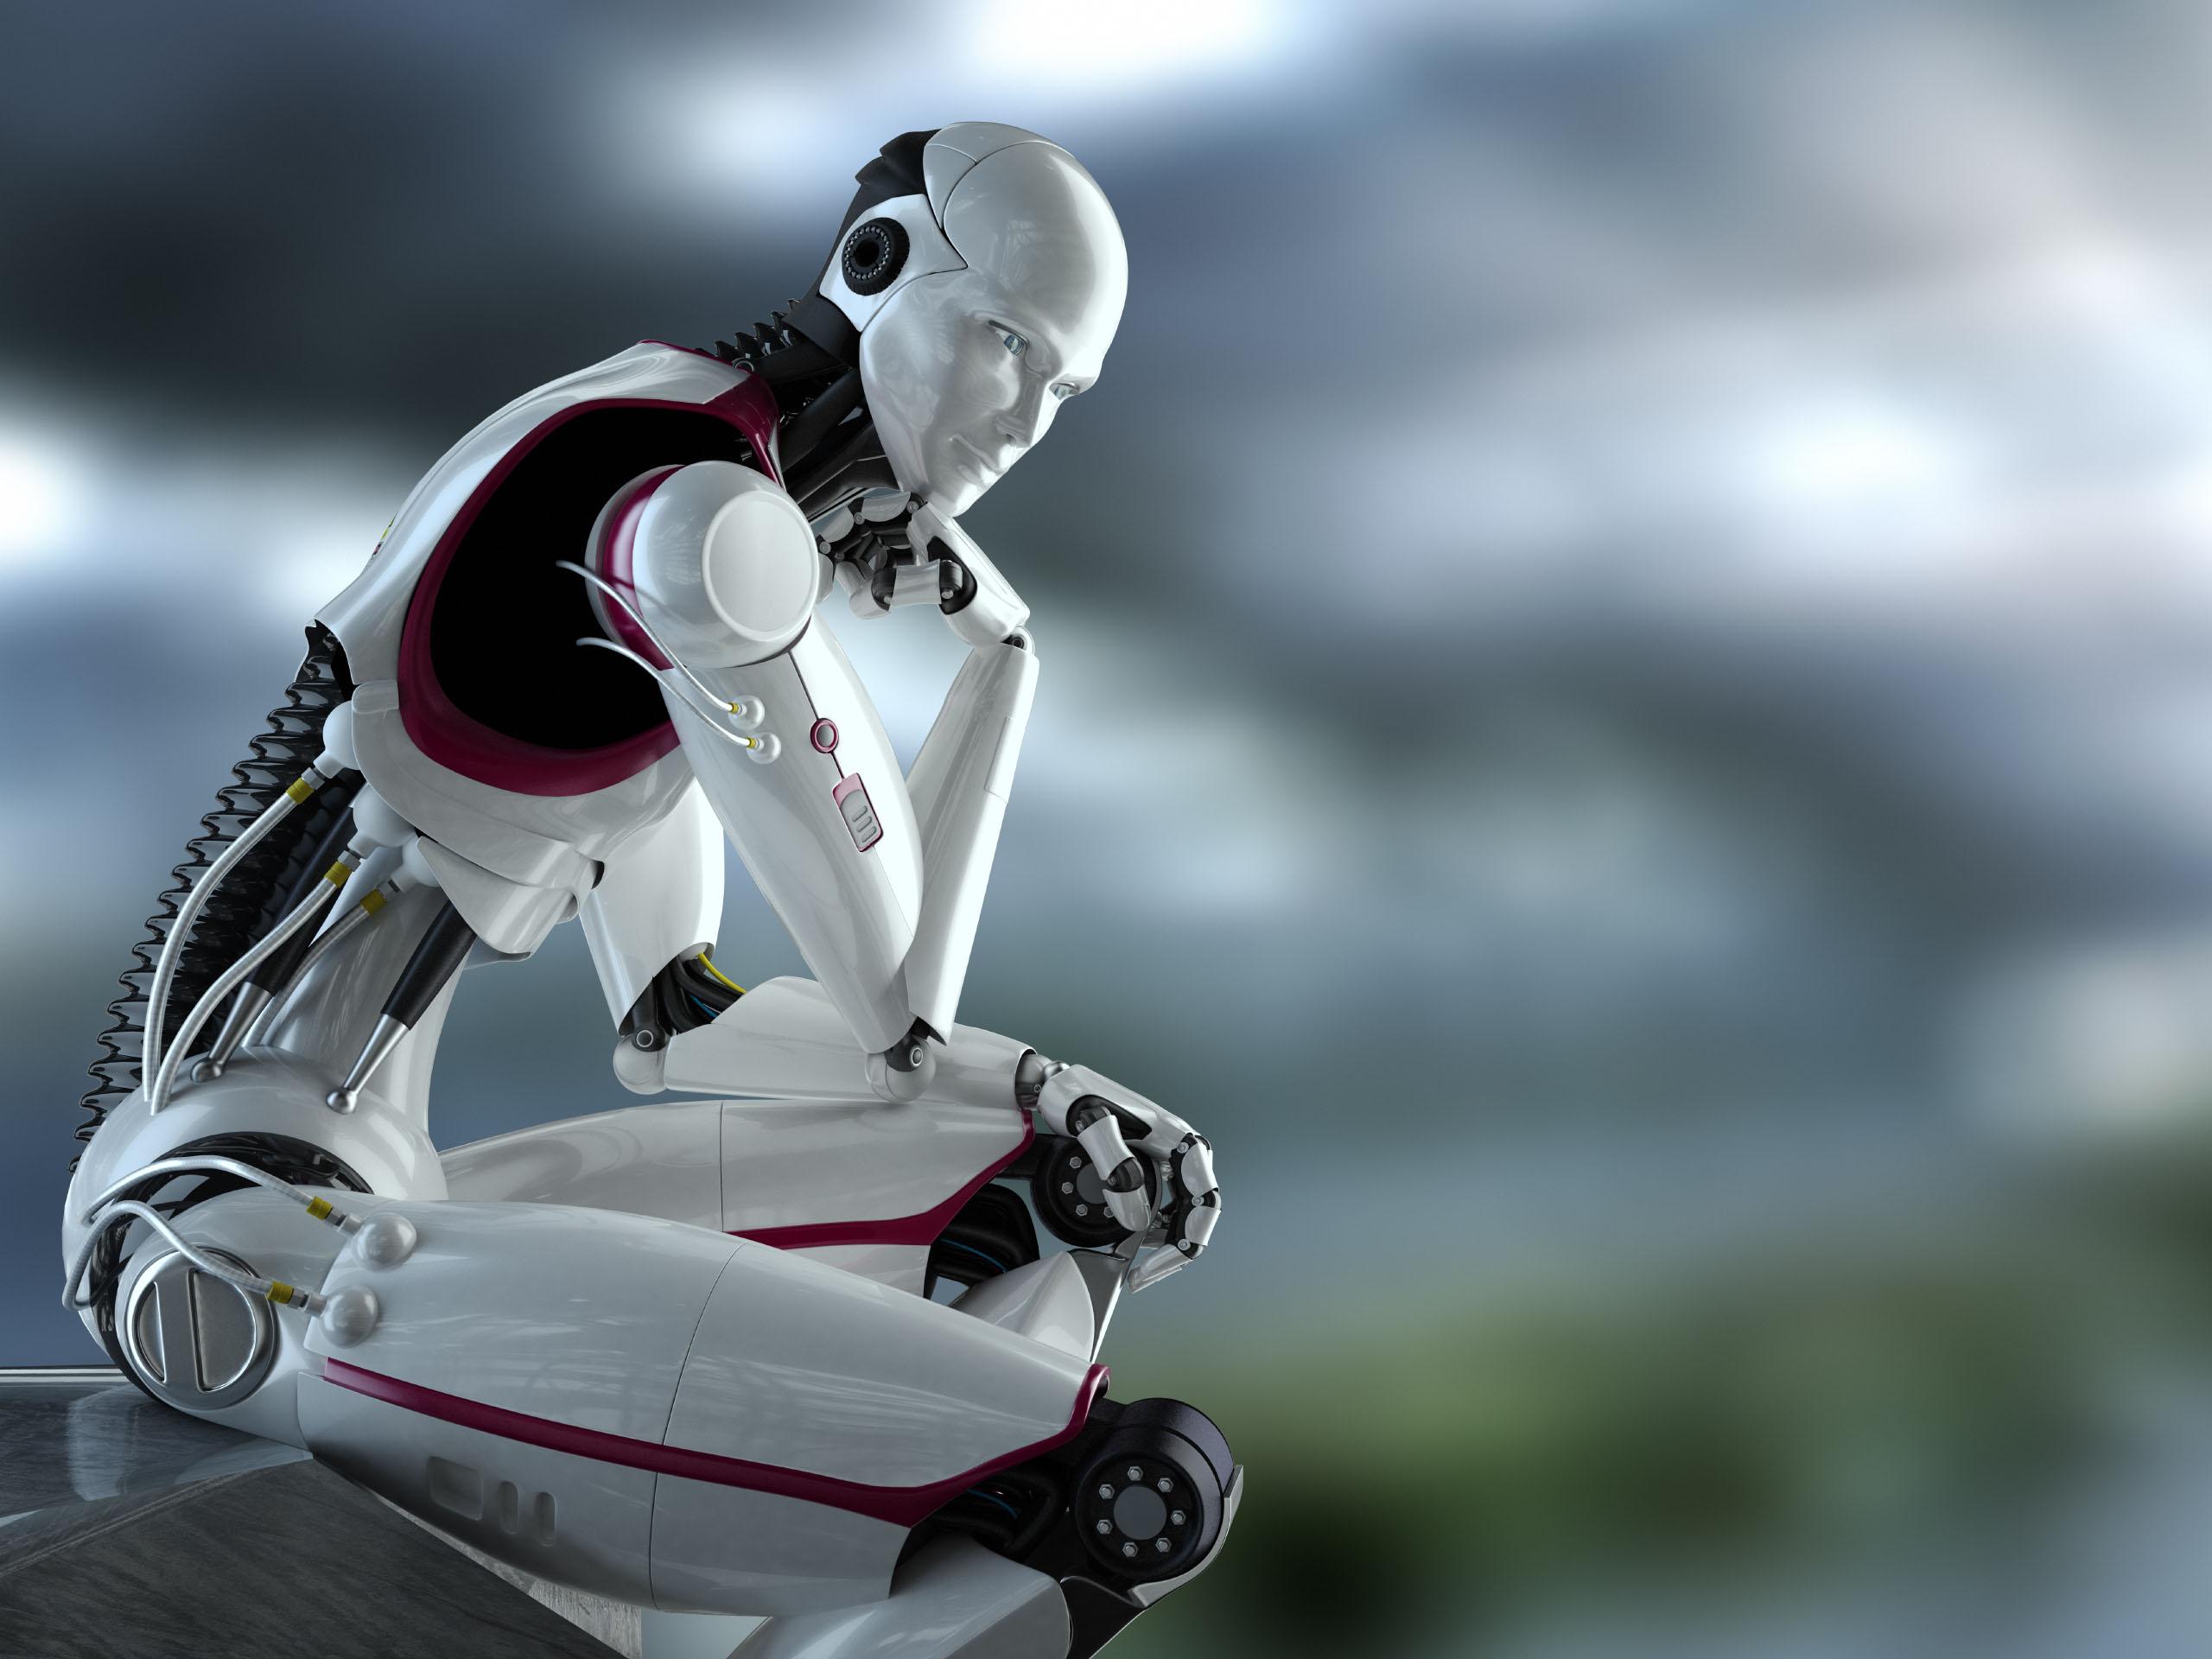 ربات ها می توانند از طریق حالات صورت احساس انسان ها را تشخیص دهند